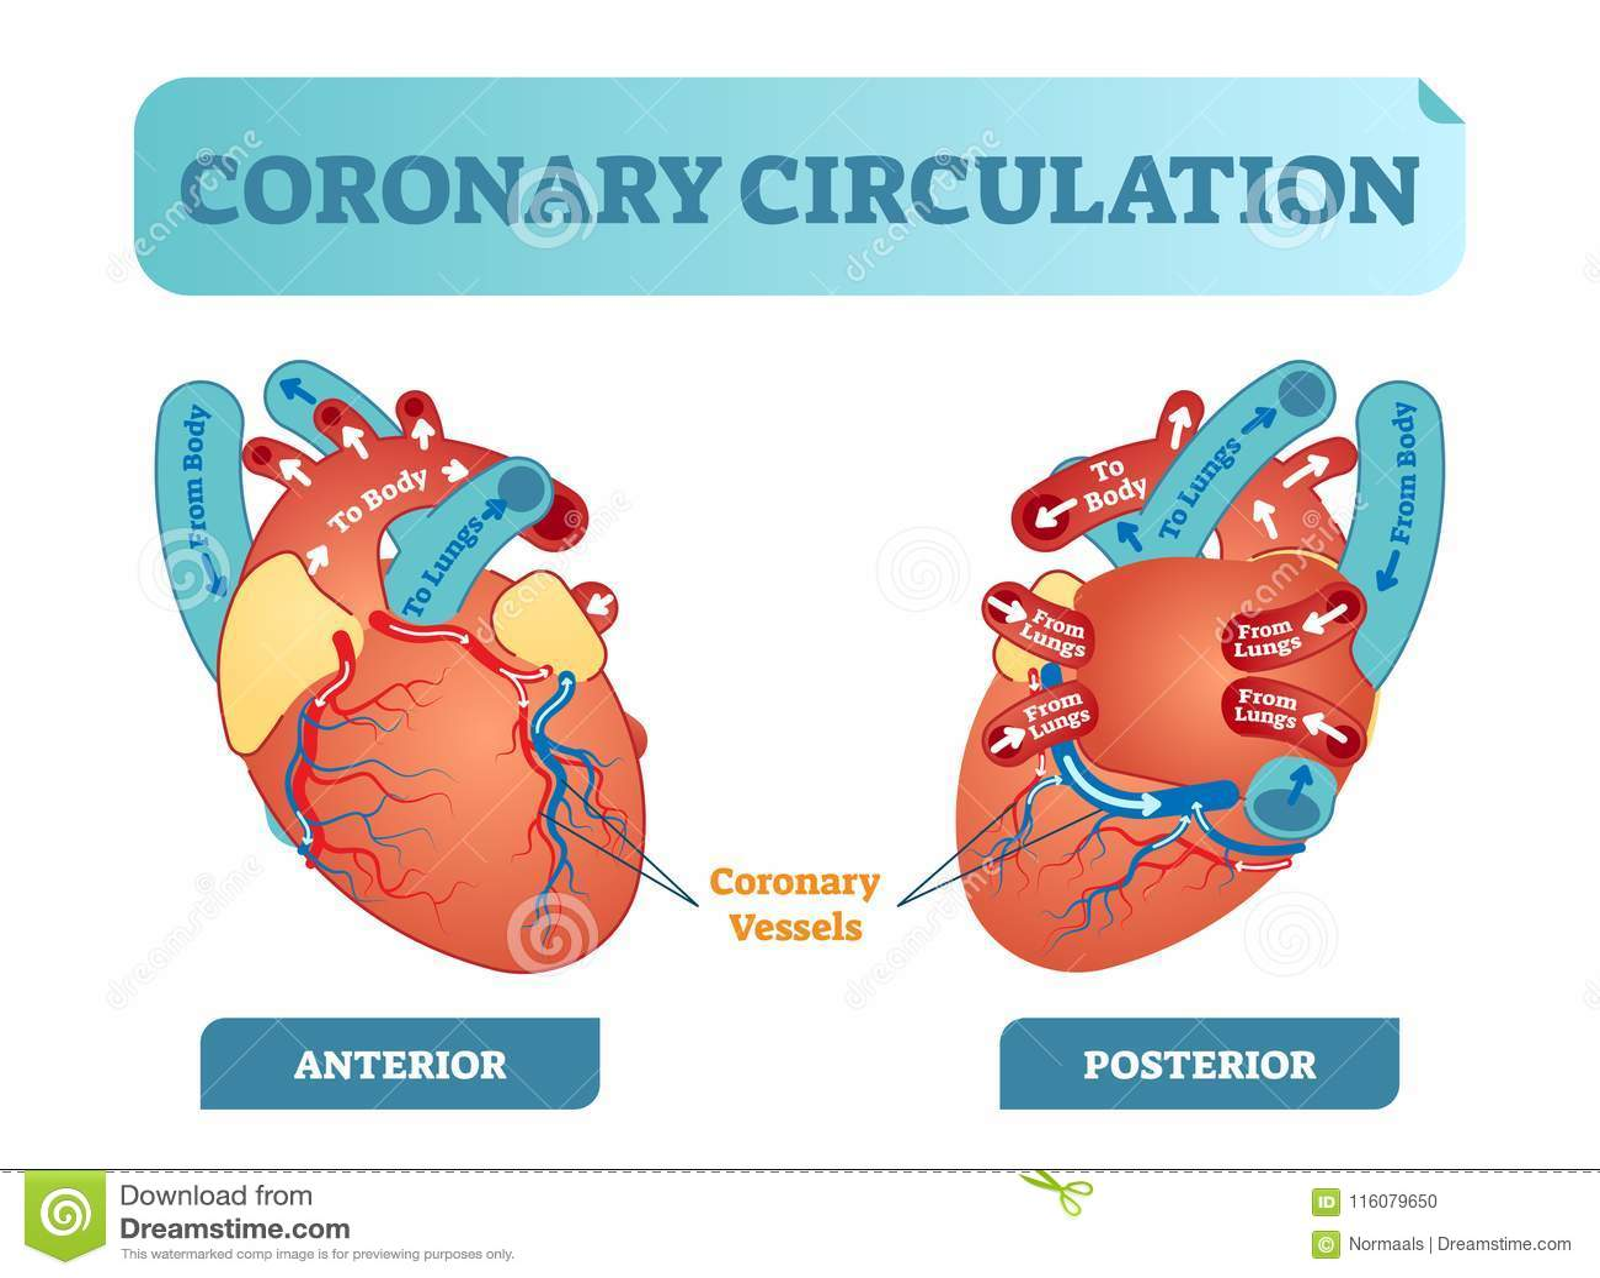 Circuito Sanguineo : Diagrama de seção transversal anatômico da circulação coronária